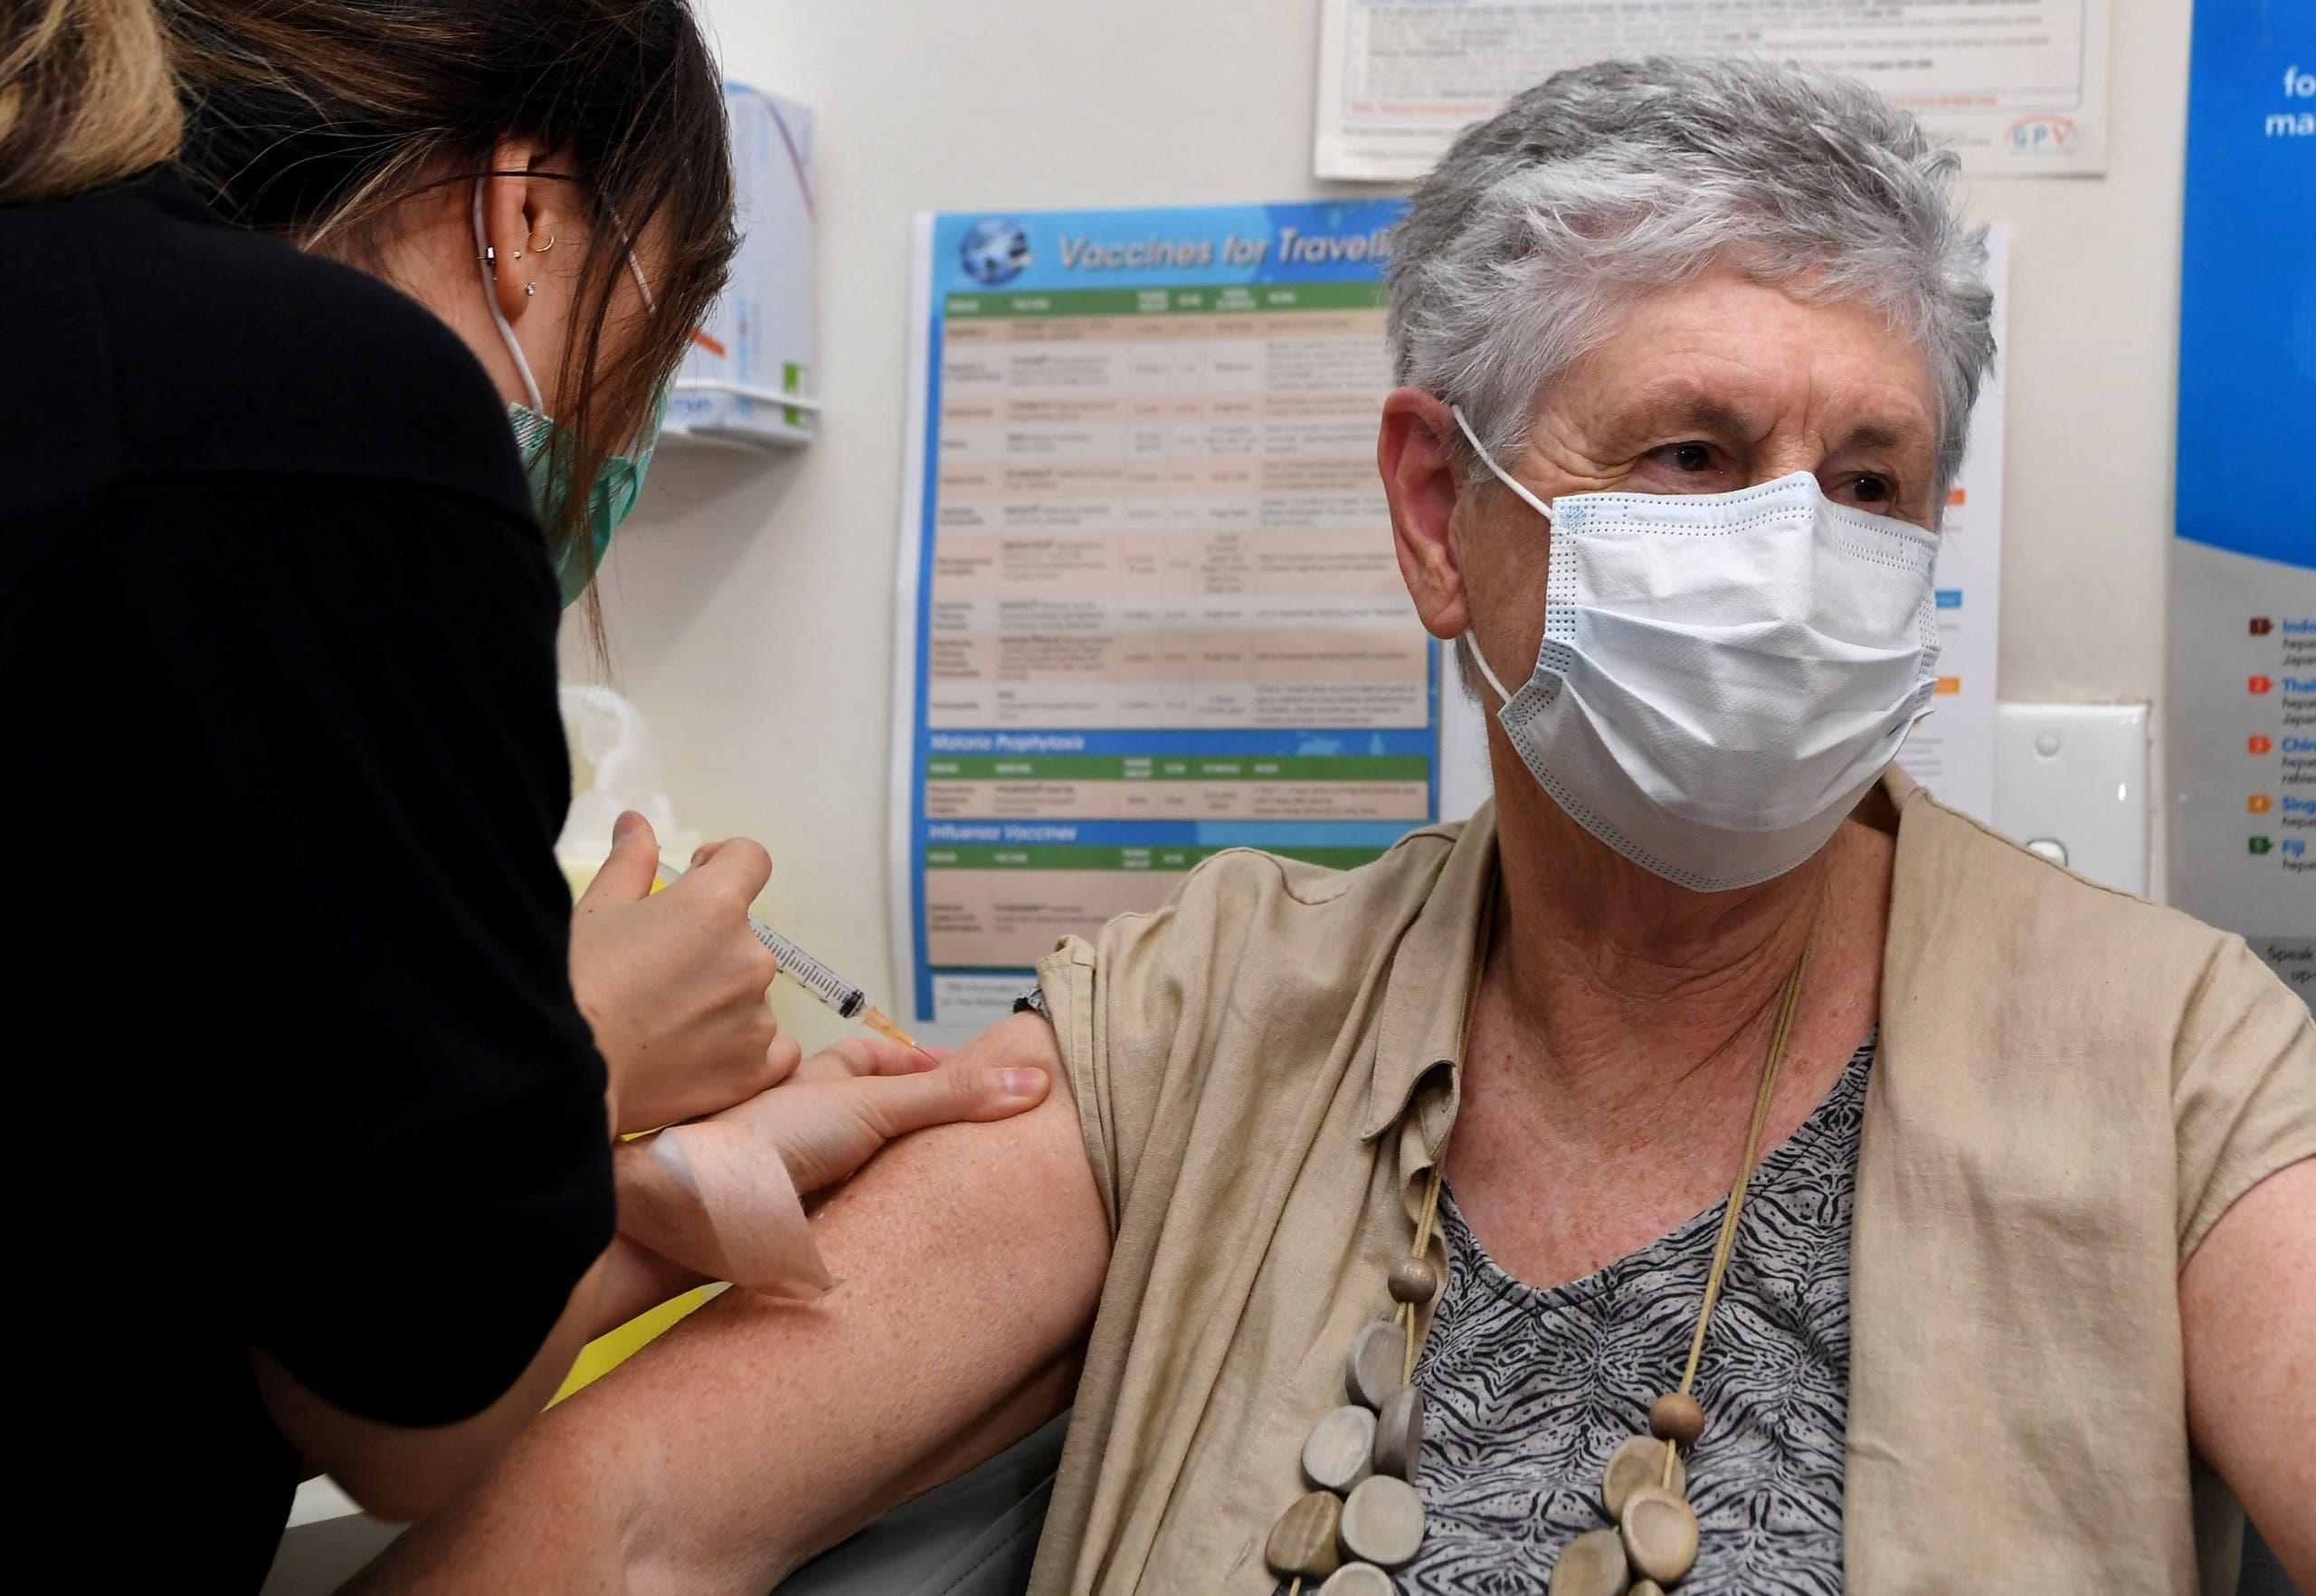 من حملة التطعيم ضد كورونا في ملبورن